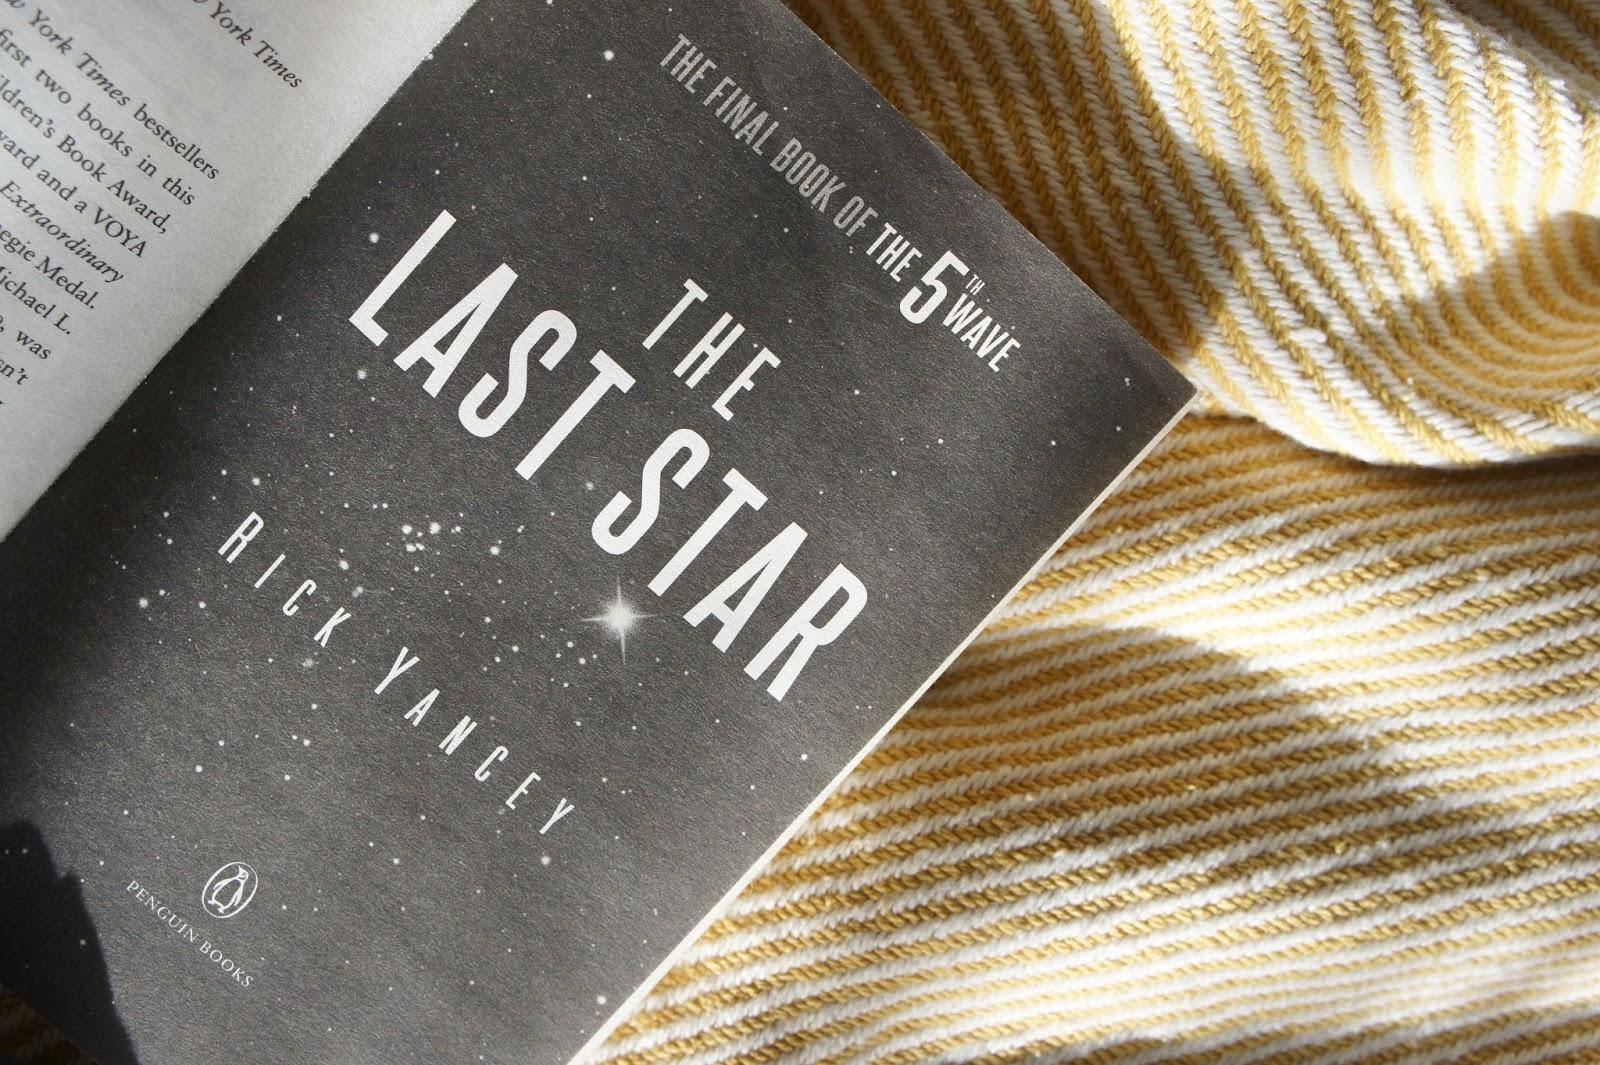 blogger's bookshelf the last star